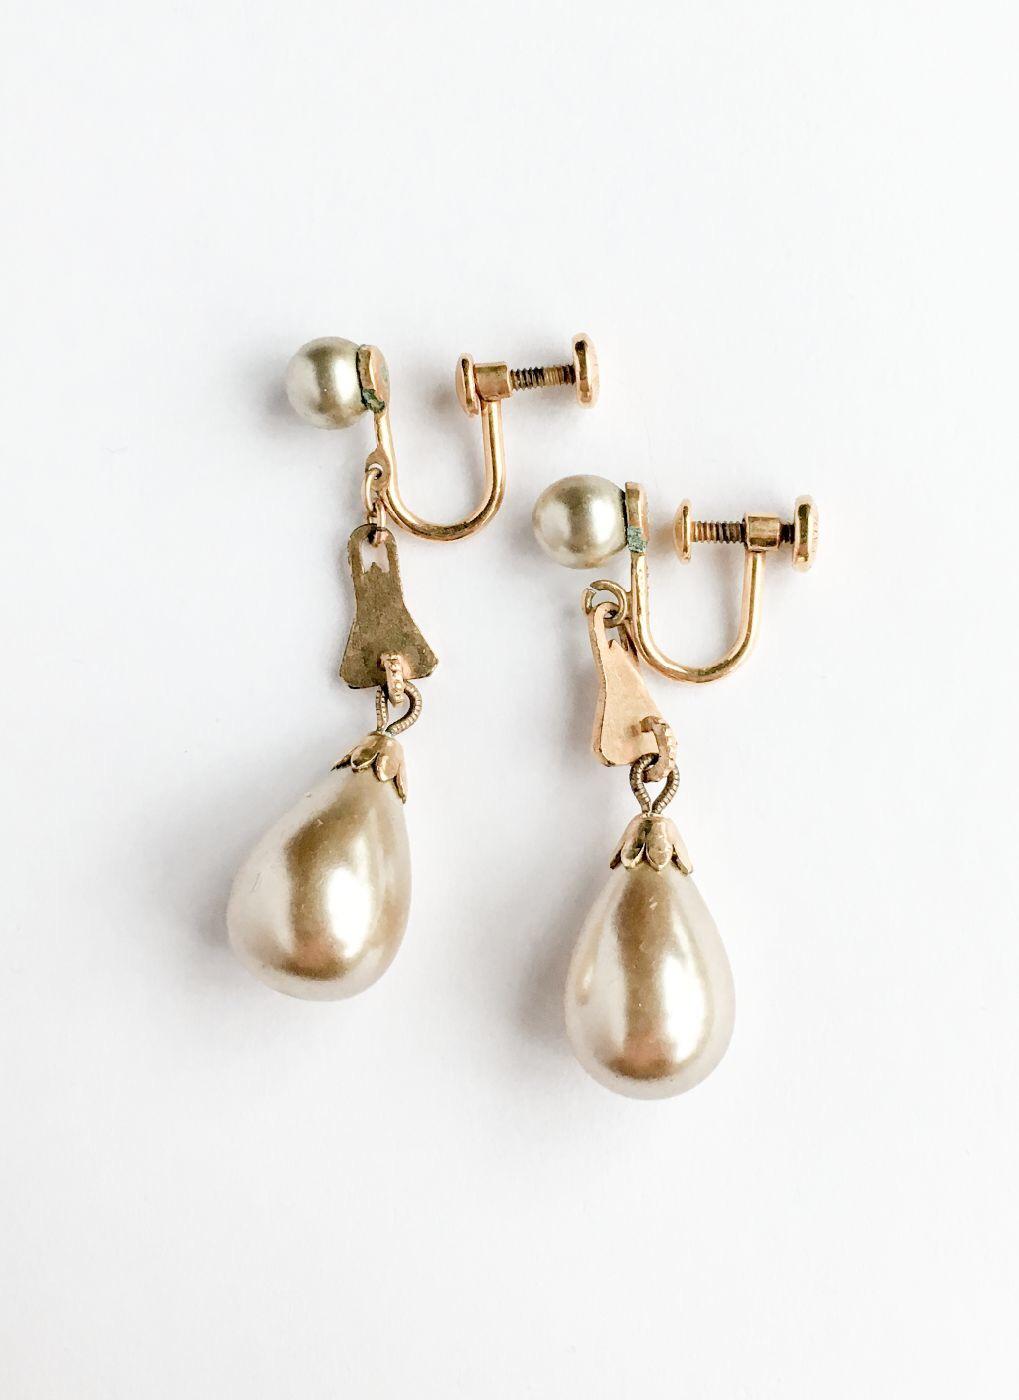 COMING SOON! 1920s 30s Heisey pearl drop earrings